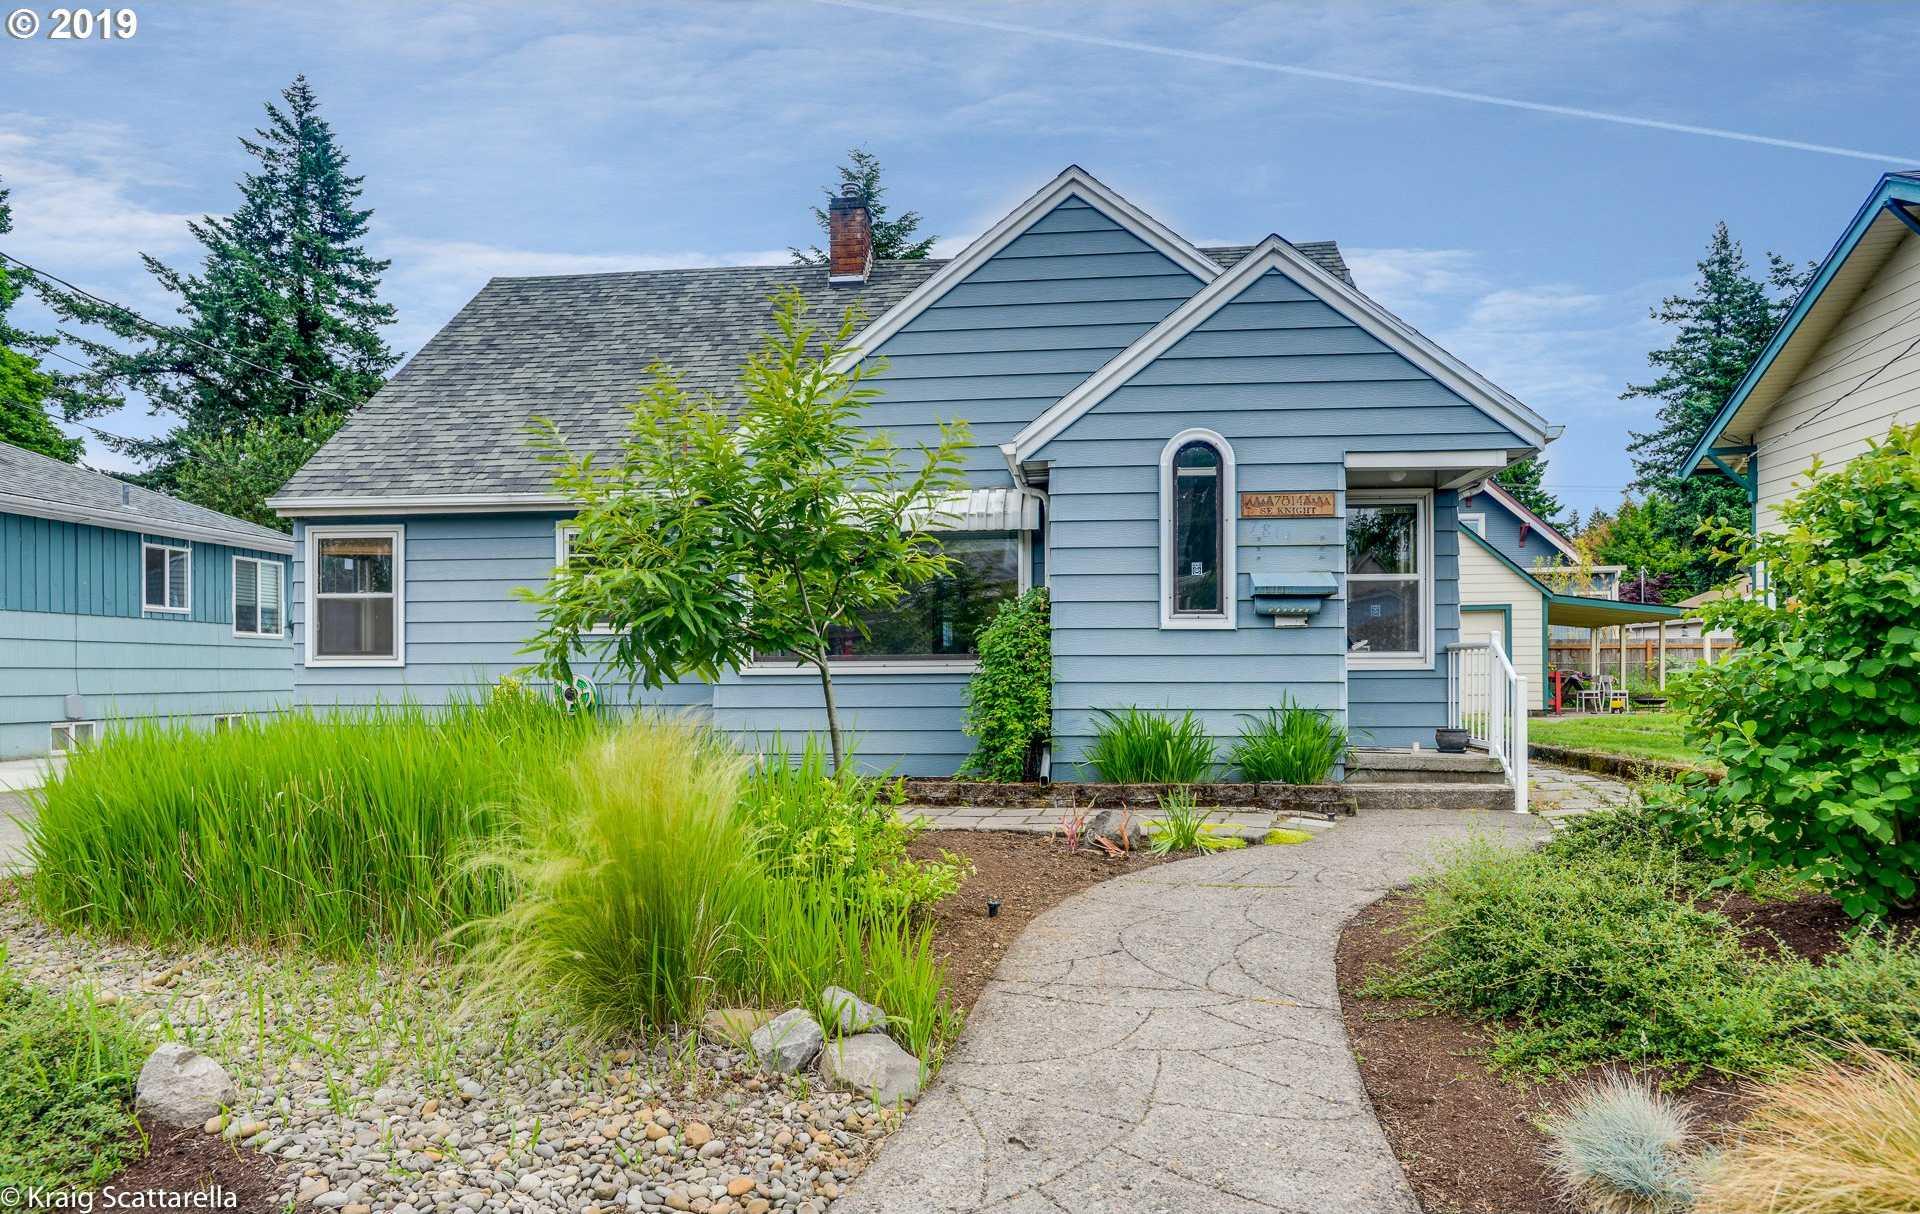 $399,000 - 3Br/2Ba -  for Sale in Mt Scott / Arleta, Portland